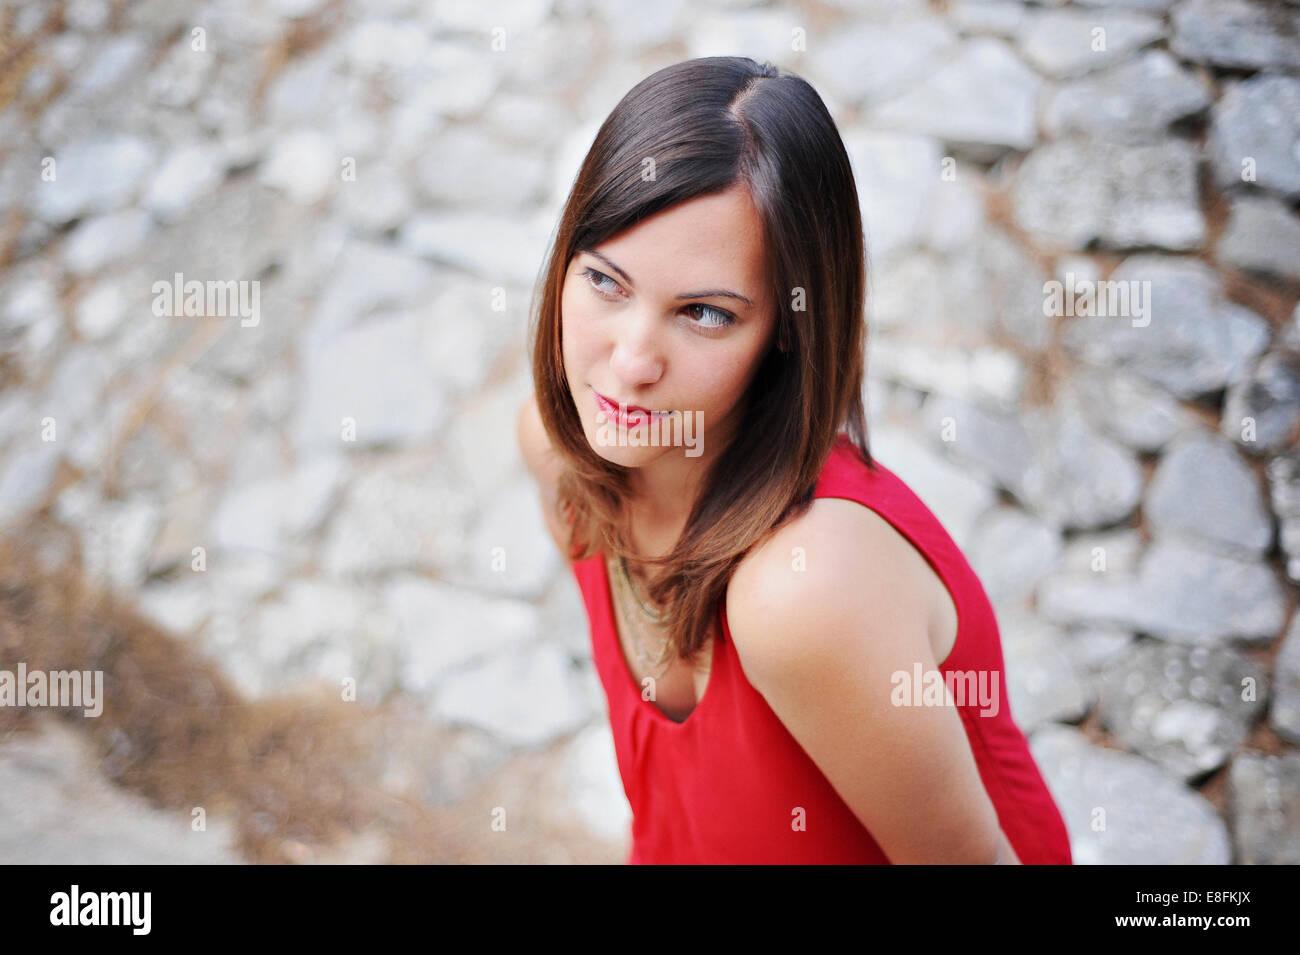 Provenza, Francia Bella bruna ragazza vestita in rosso Immagini Stock